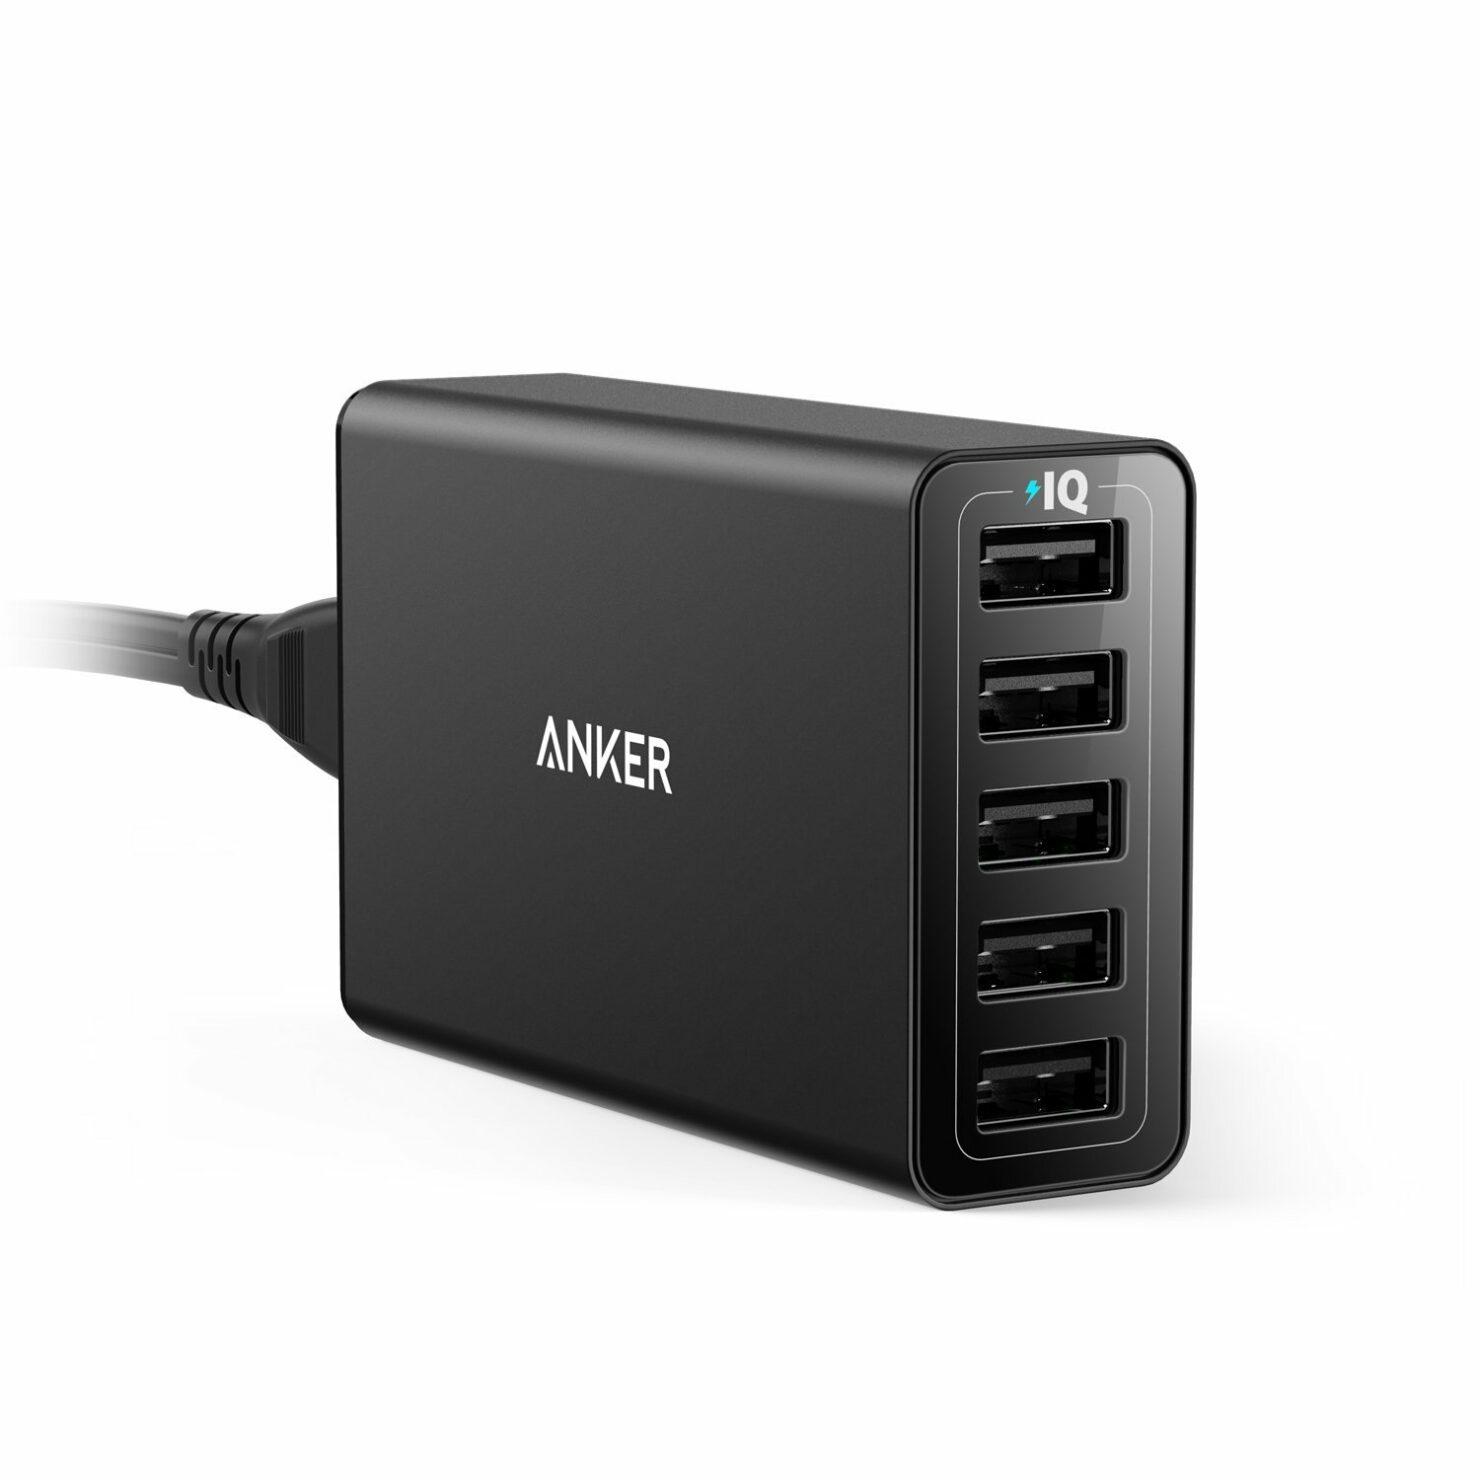 anker-powerport-1